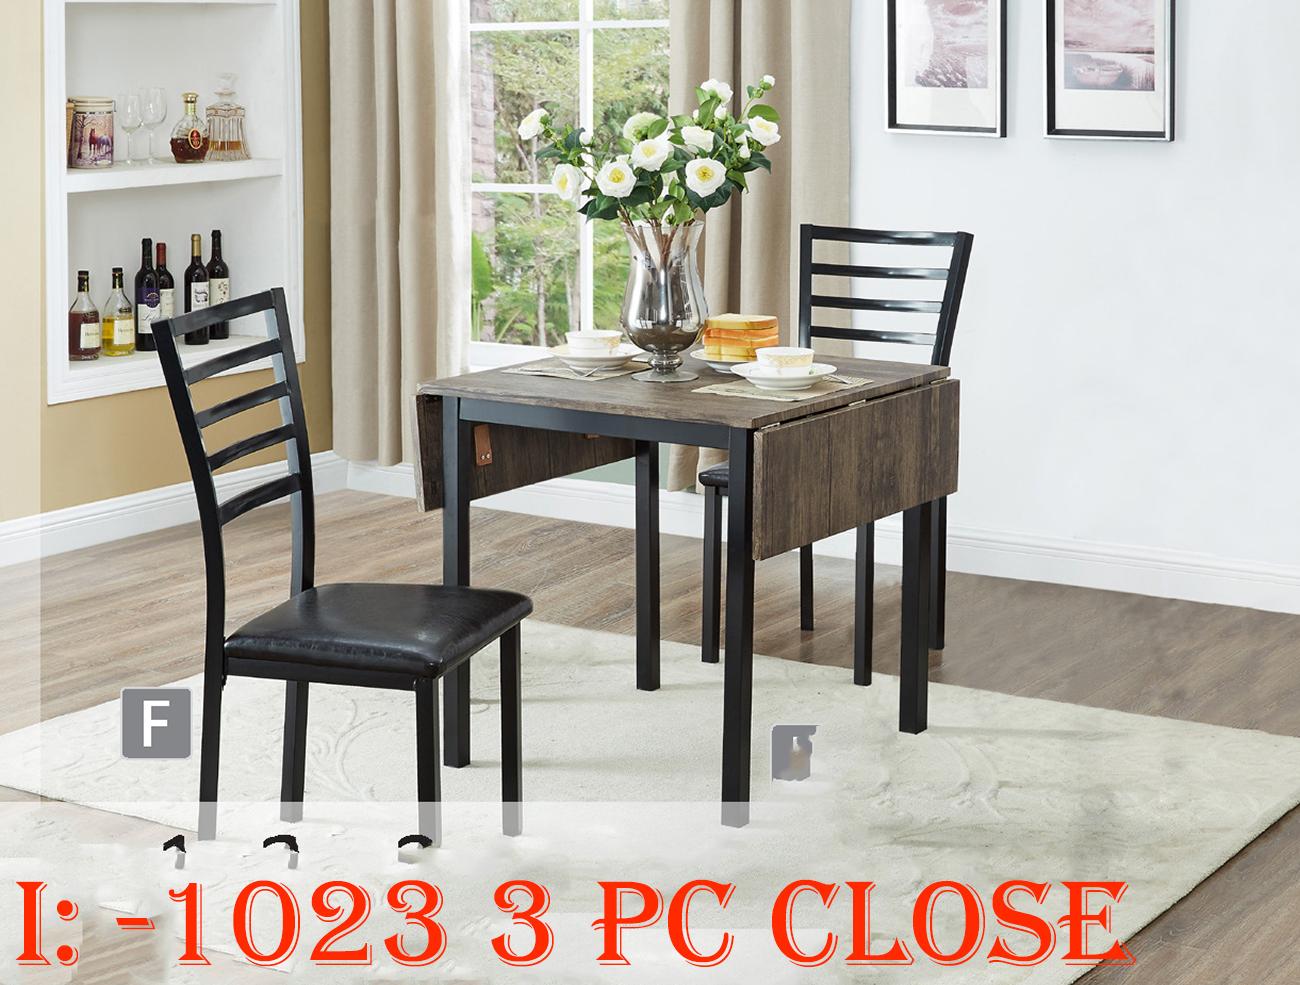 I-1023 3 PC CLOSE